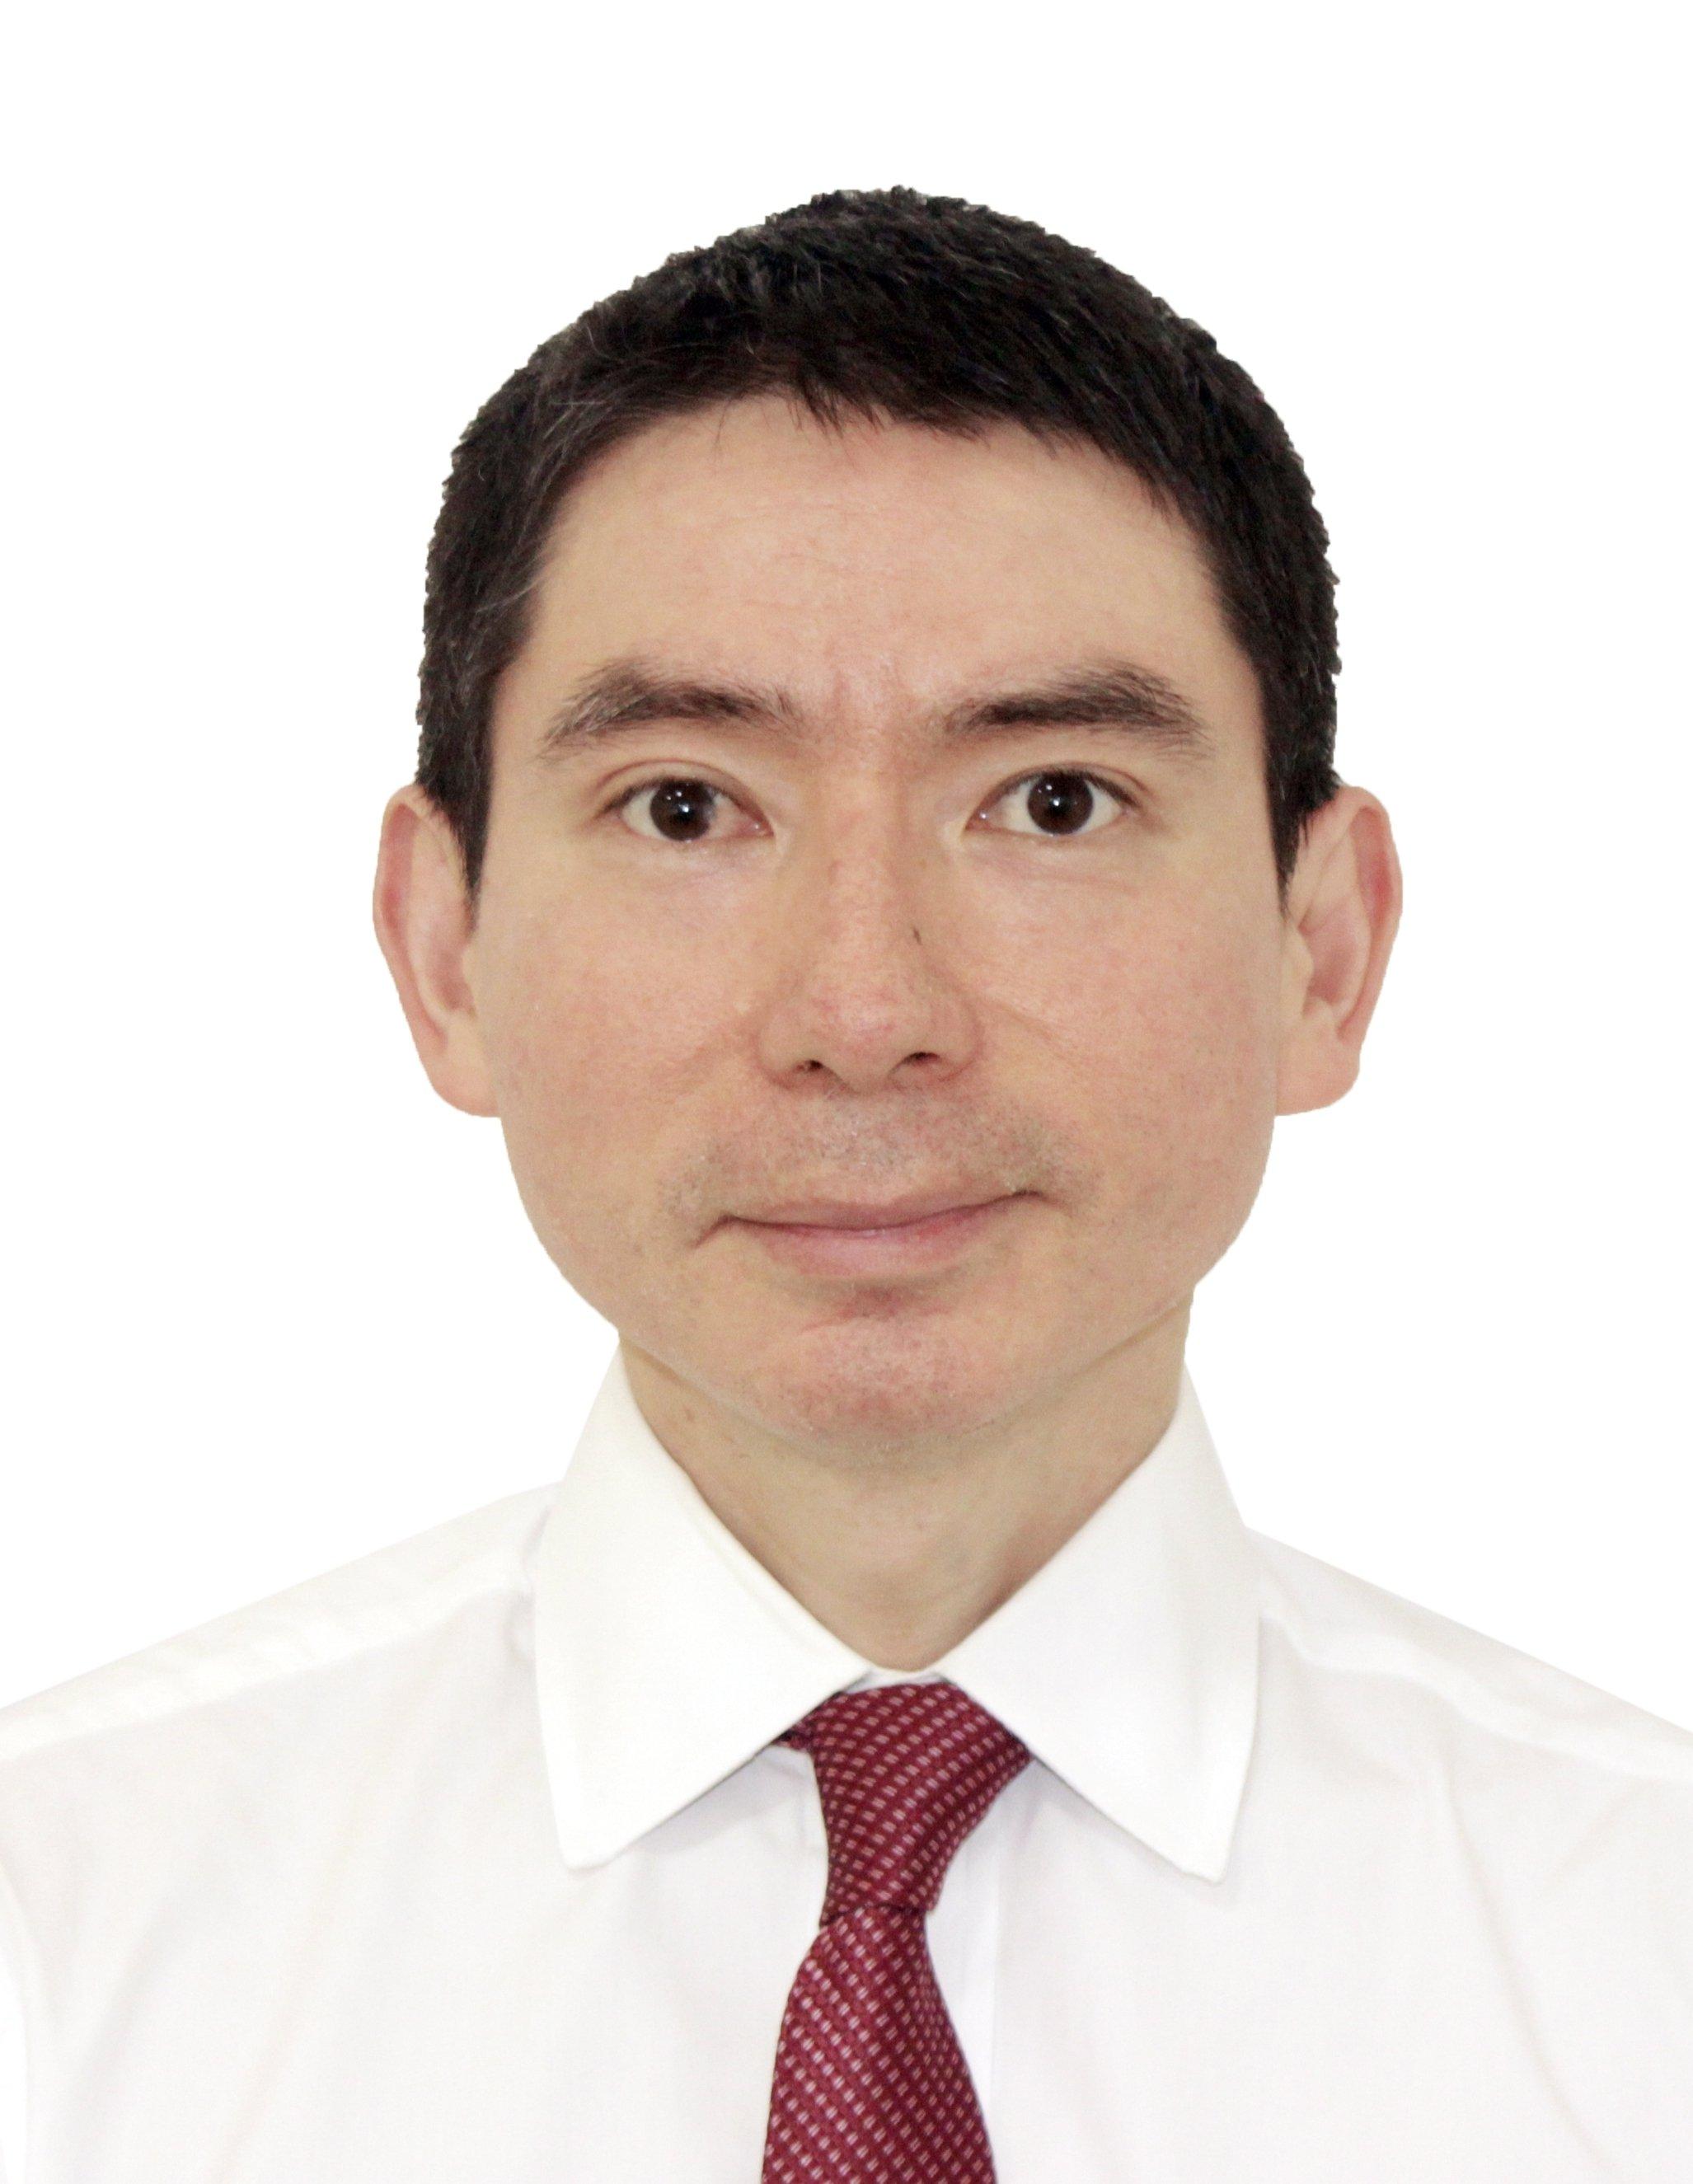 GABRIEL ANDRÉS NATIVIDAD CARPIO